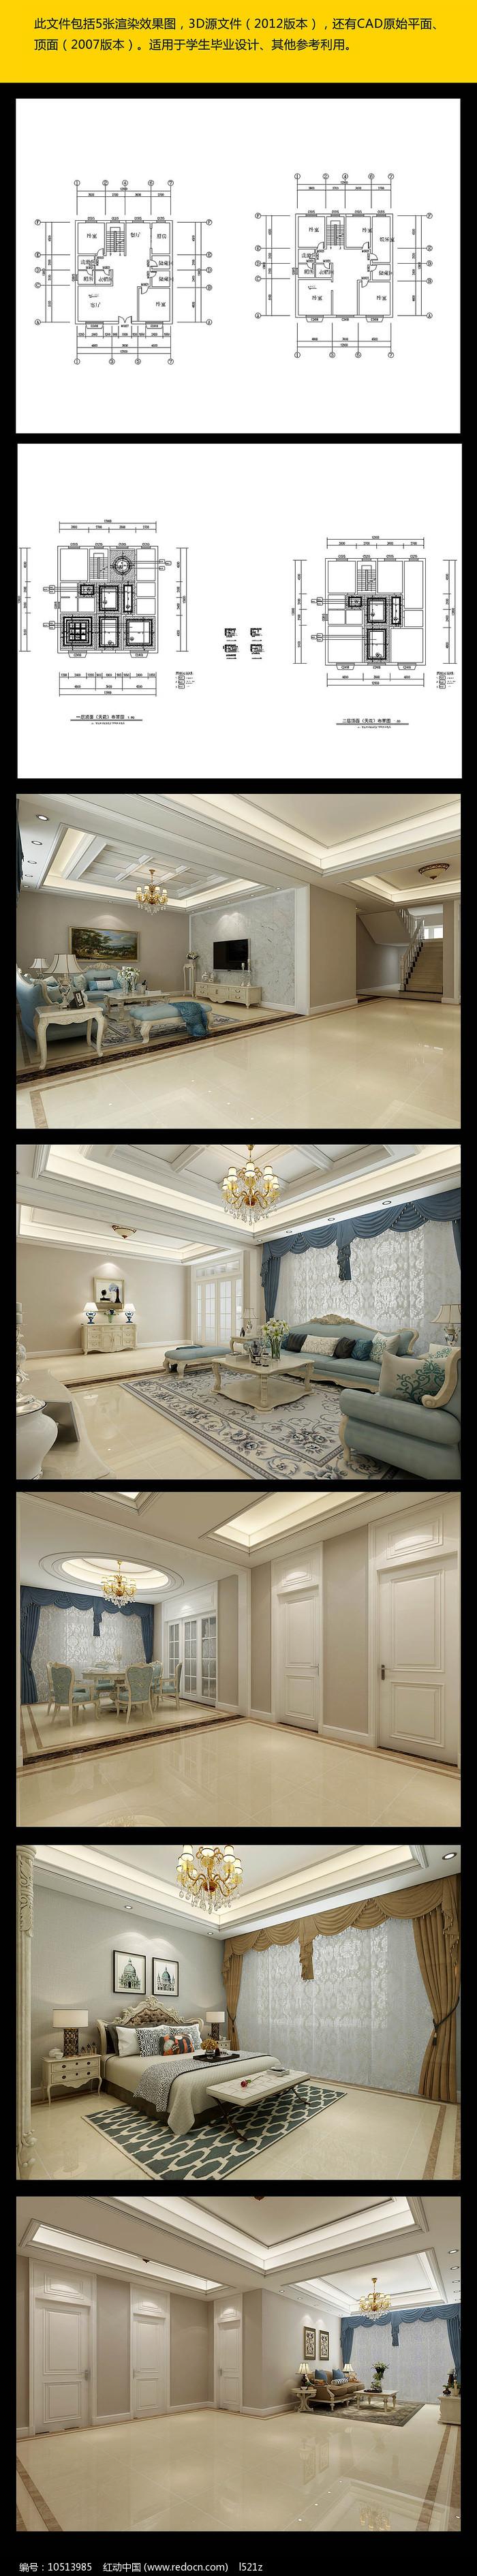 欧式二层小别墅3D模型图片